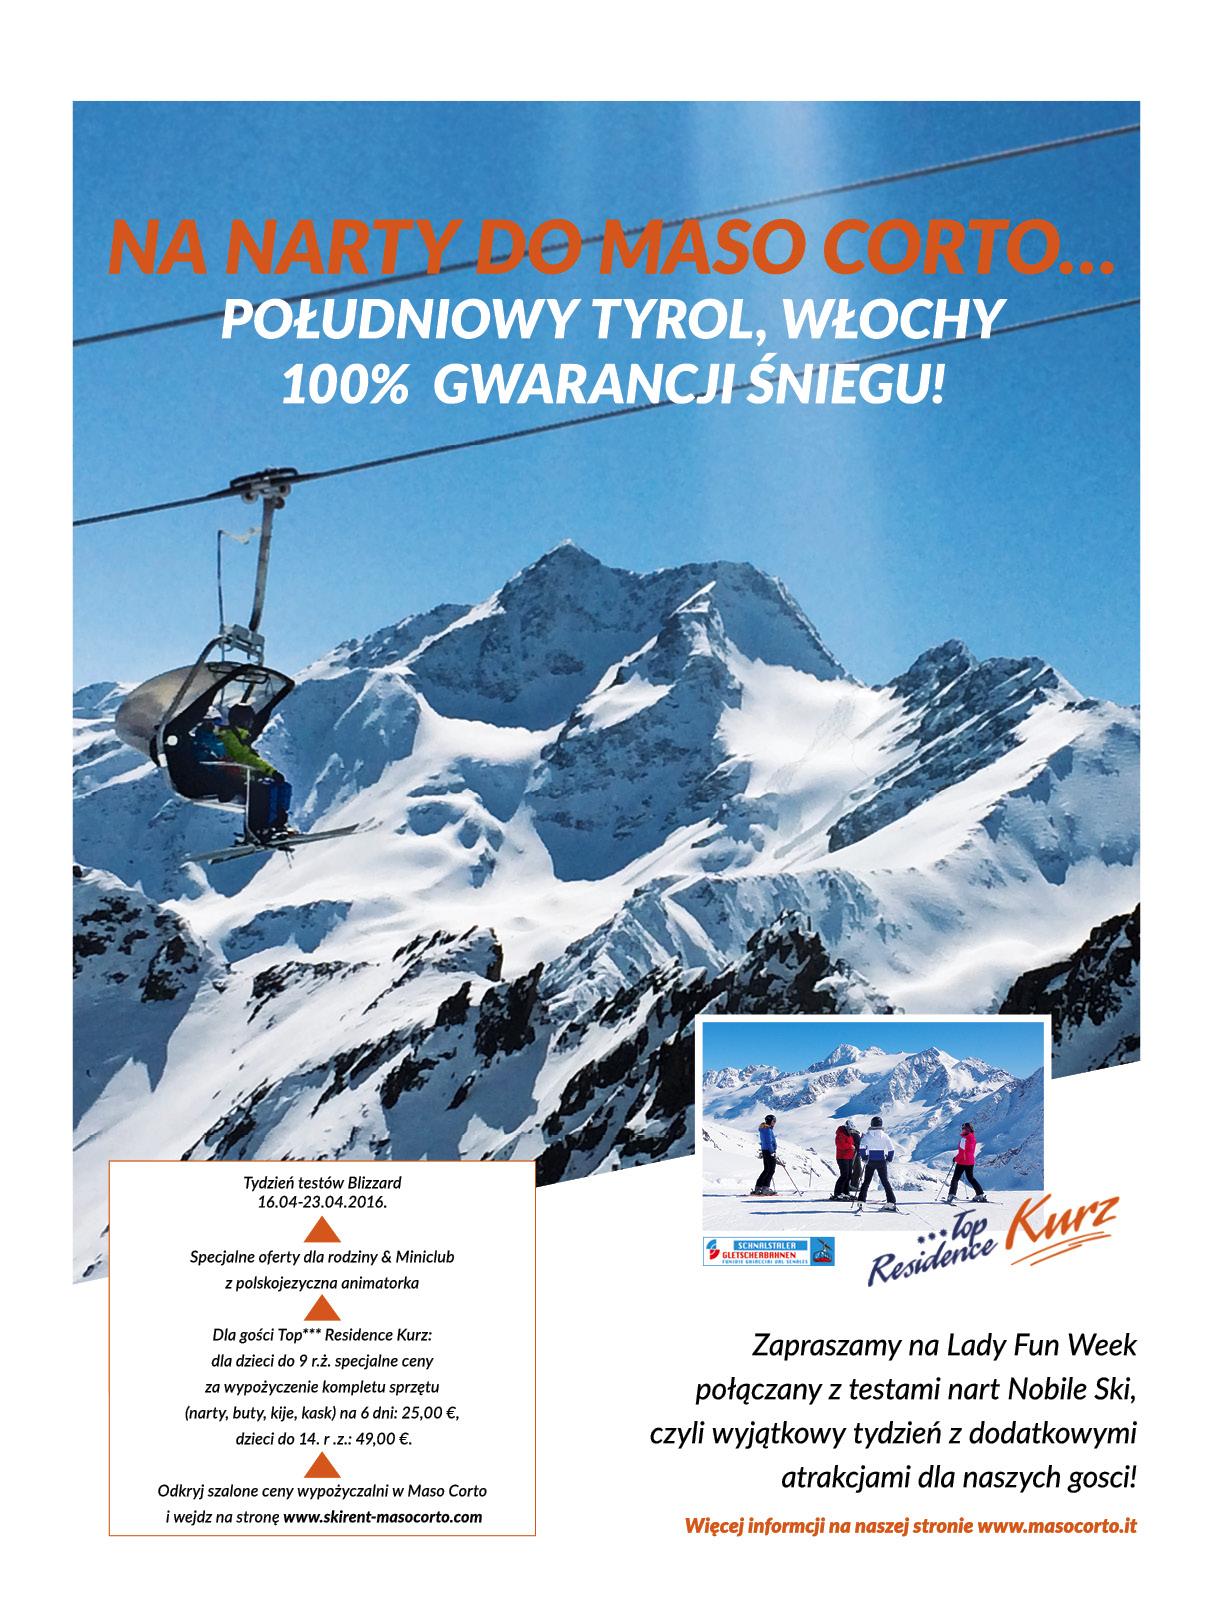 Maso Corto zaprasza na super narty w kwietniu.